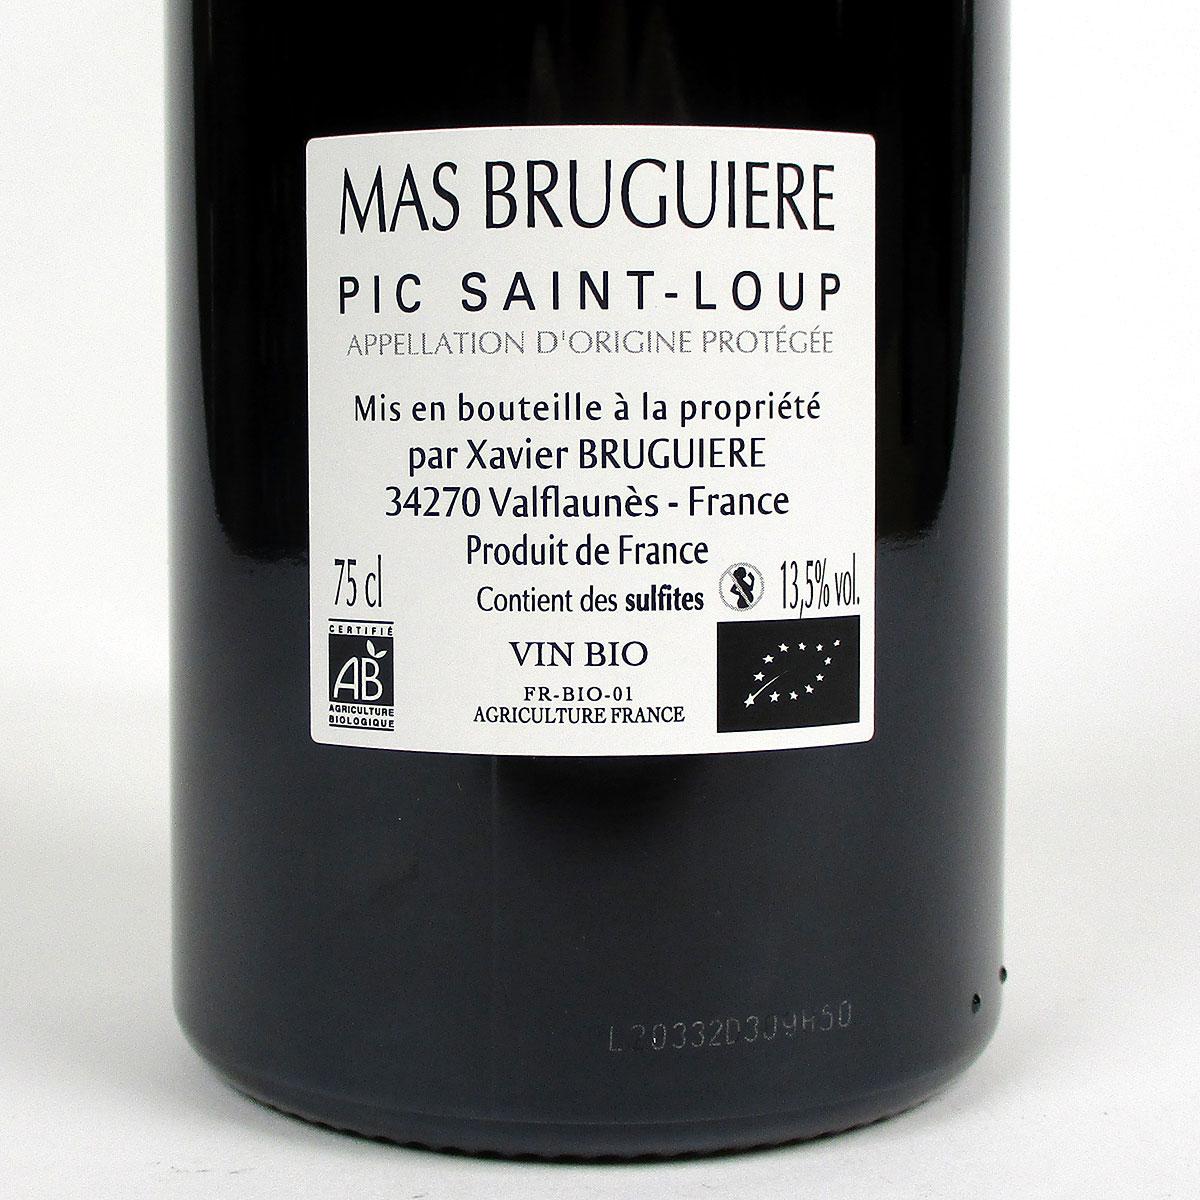 Pic Saint-Loup: Mas Bruguière 'l'Arbouse' 2019 - Bottle Rear Label